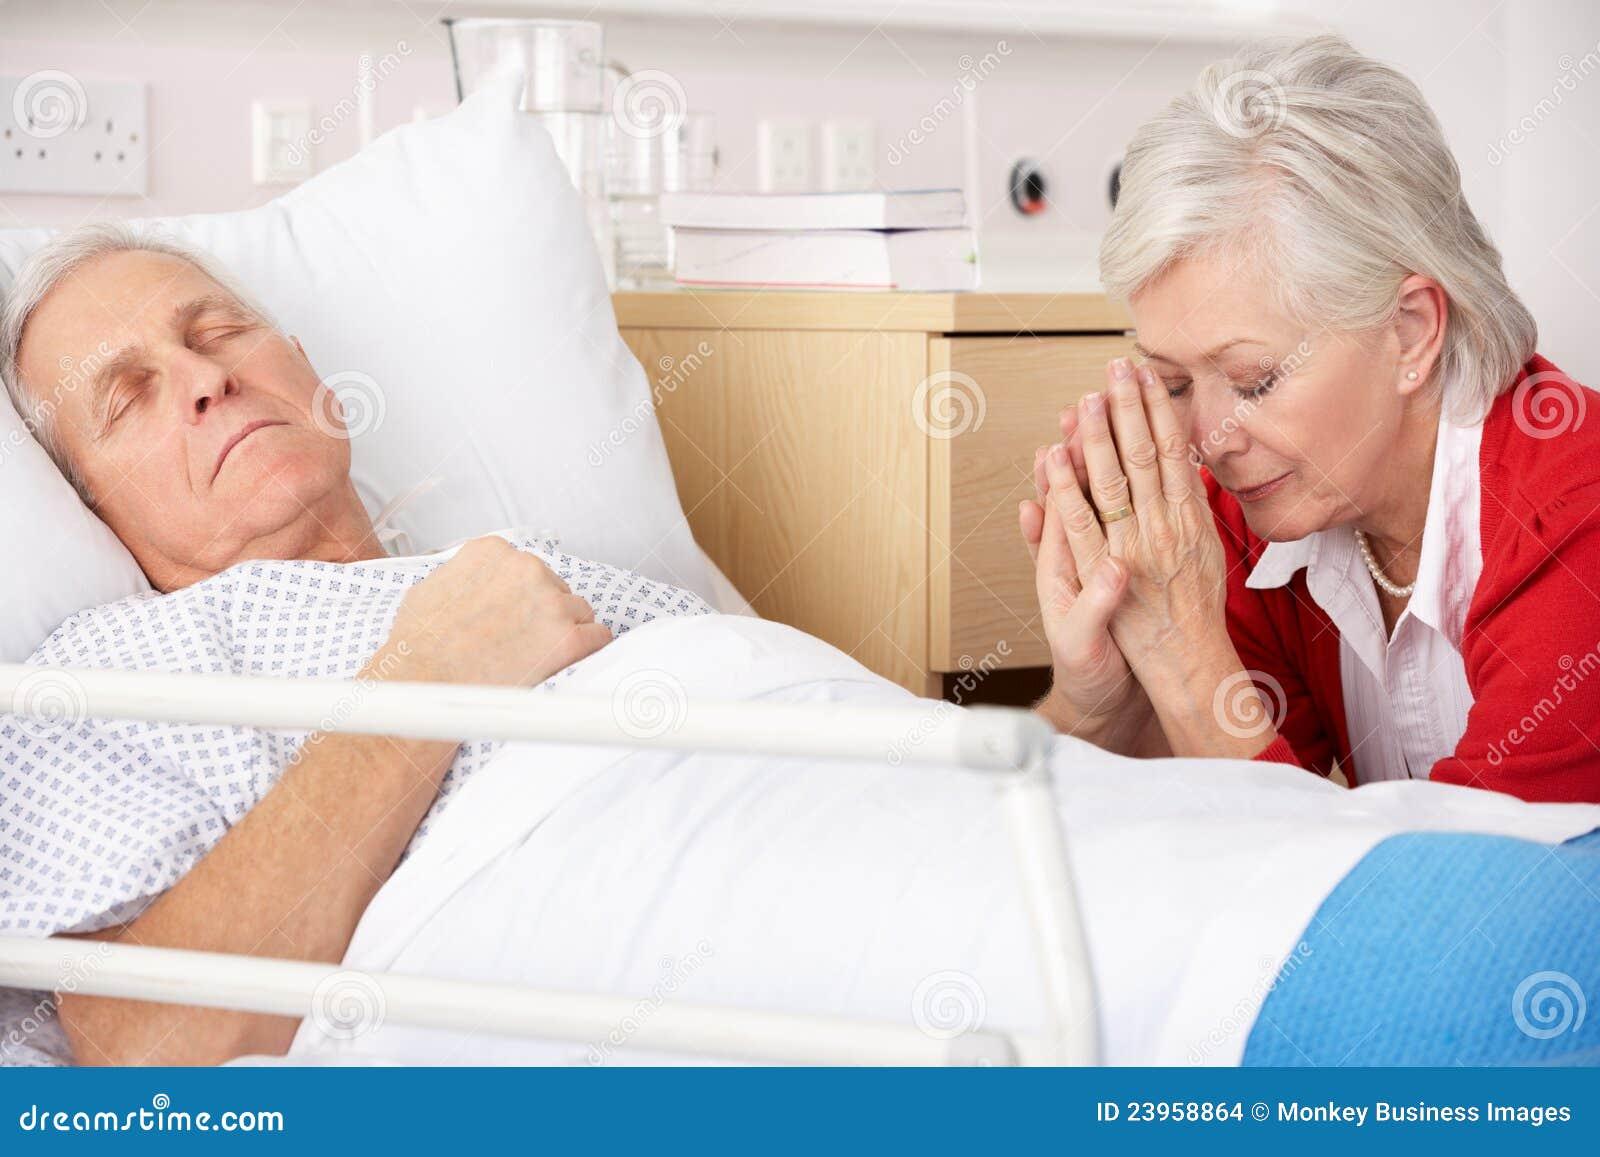 Mulher sênior com o marido seriamente doente